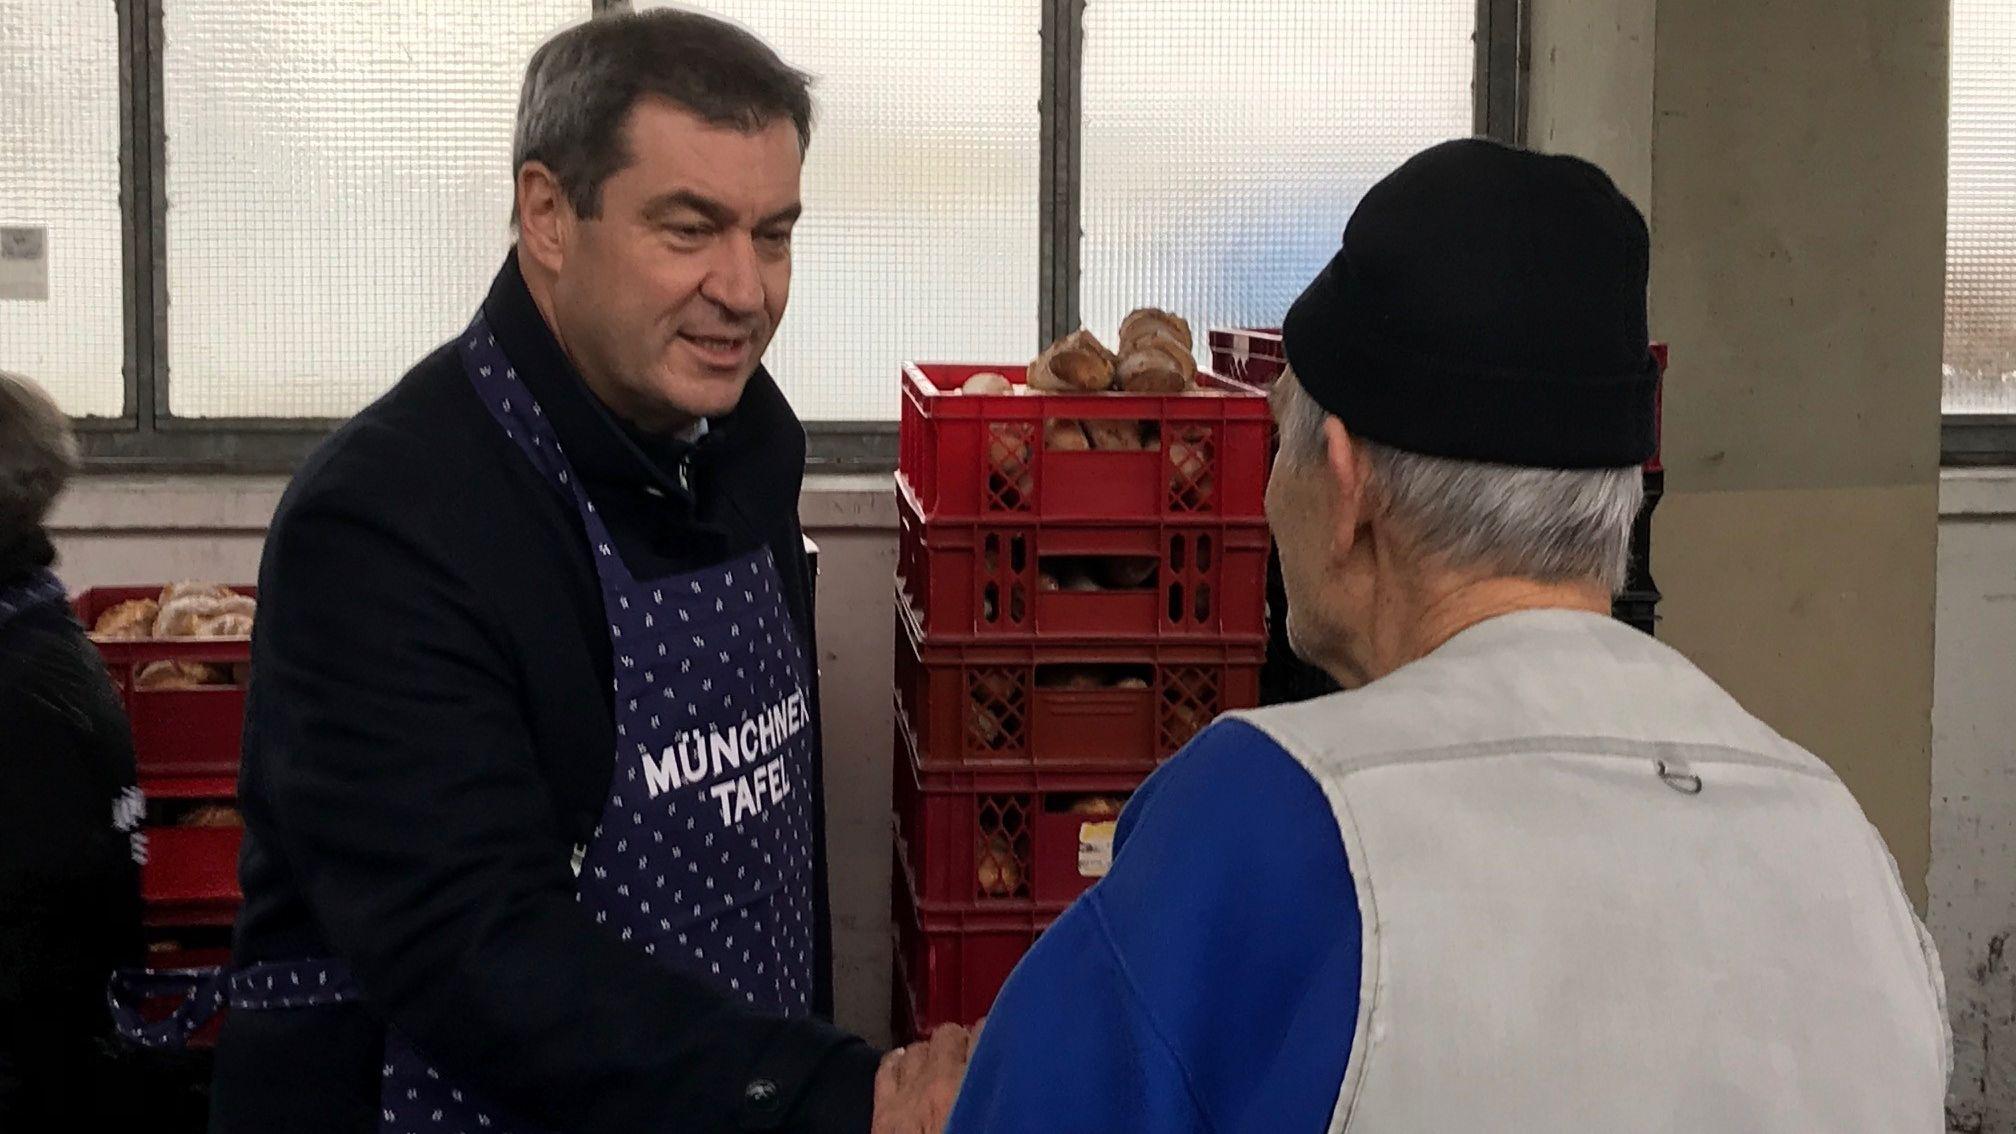 Markus Söder hilft an der Essensausgabe einer Münchner Tafel